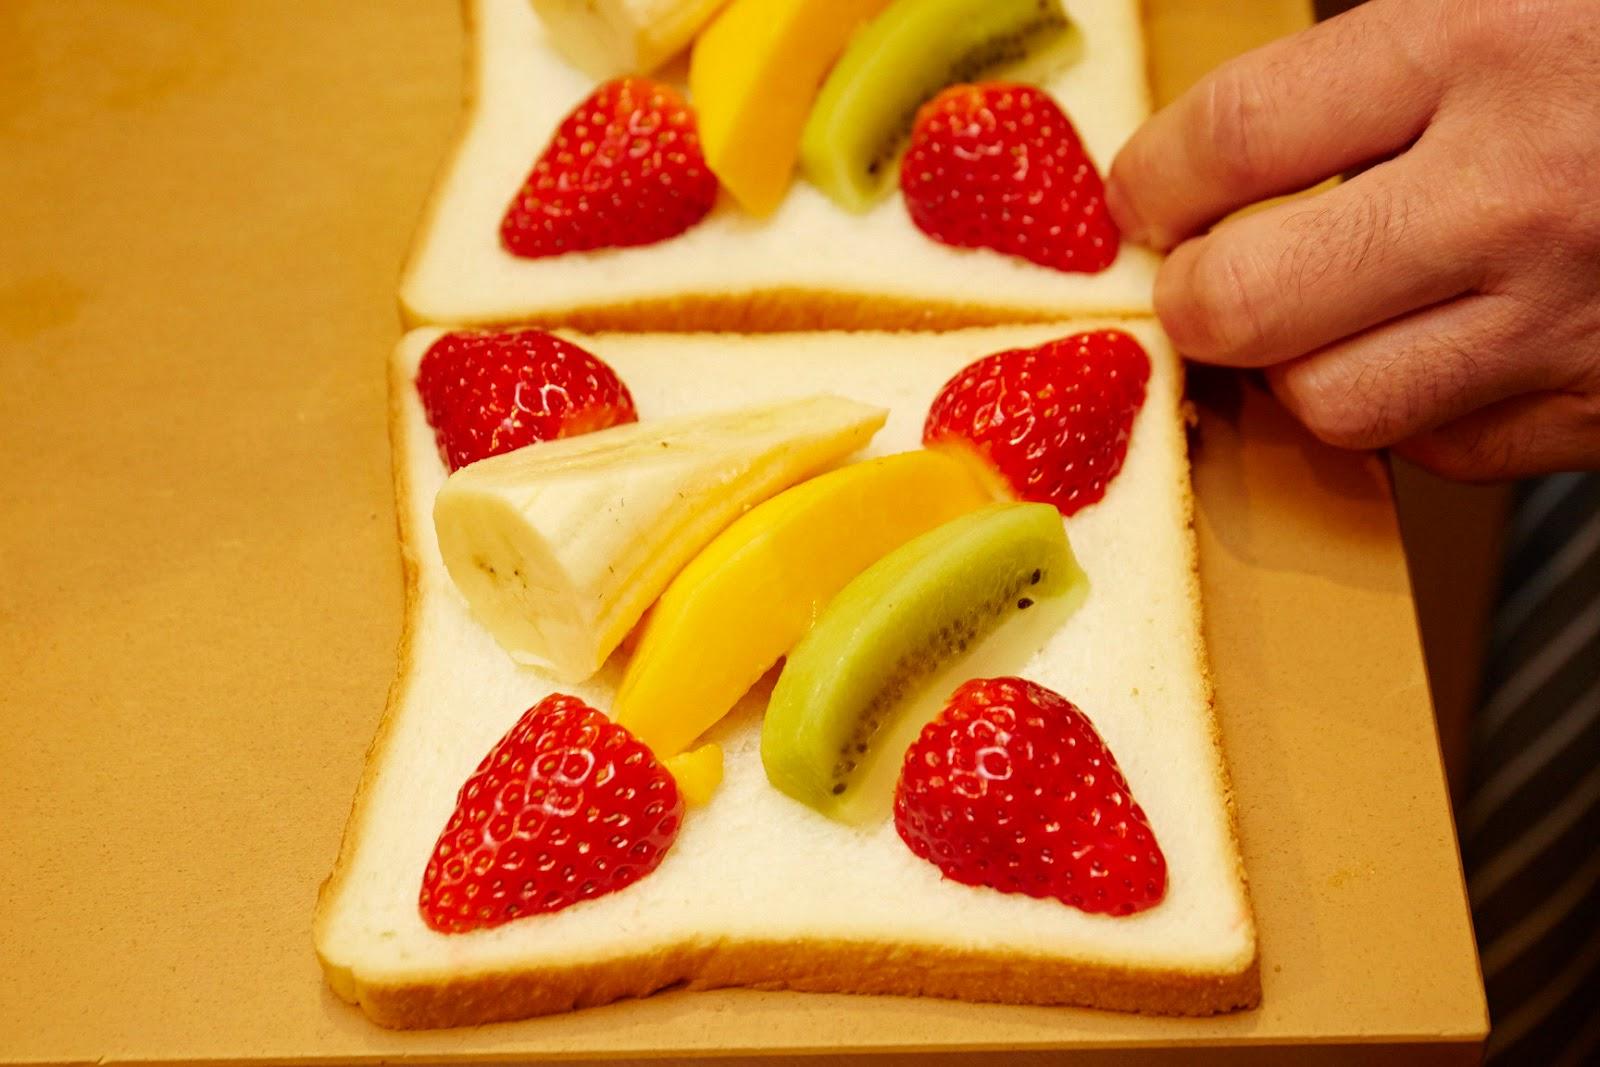 ちらり美人なサンドイッチ